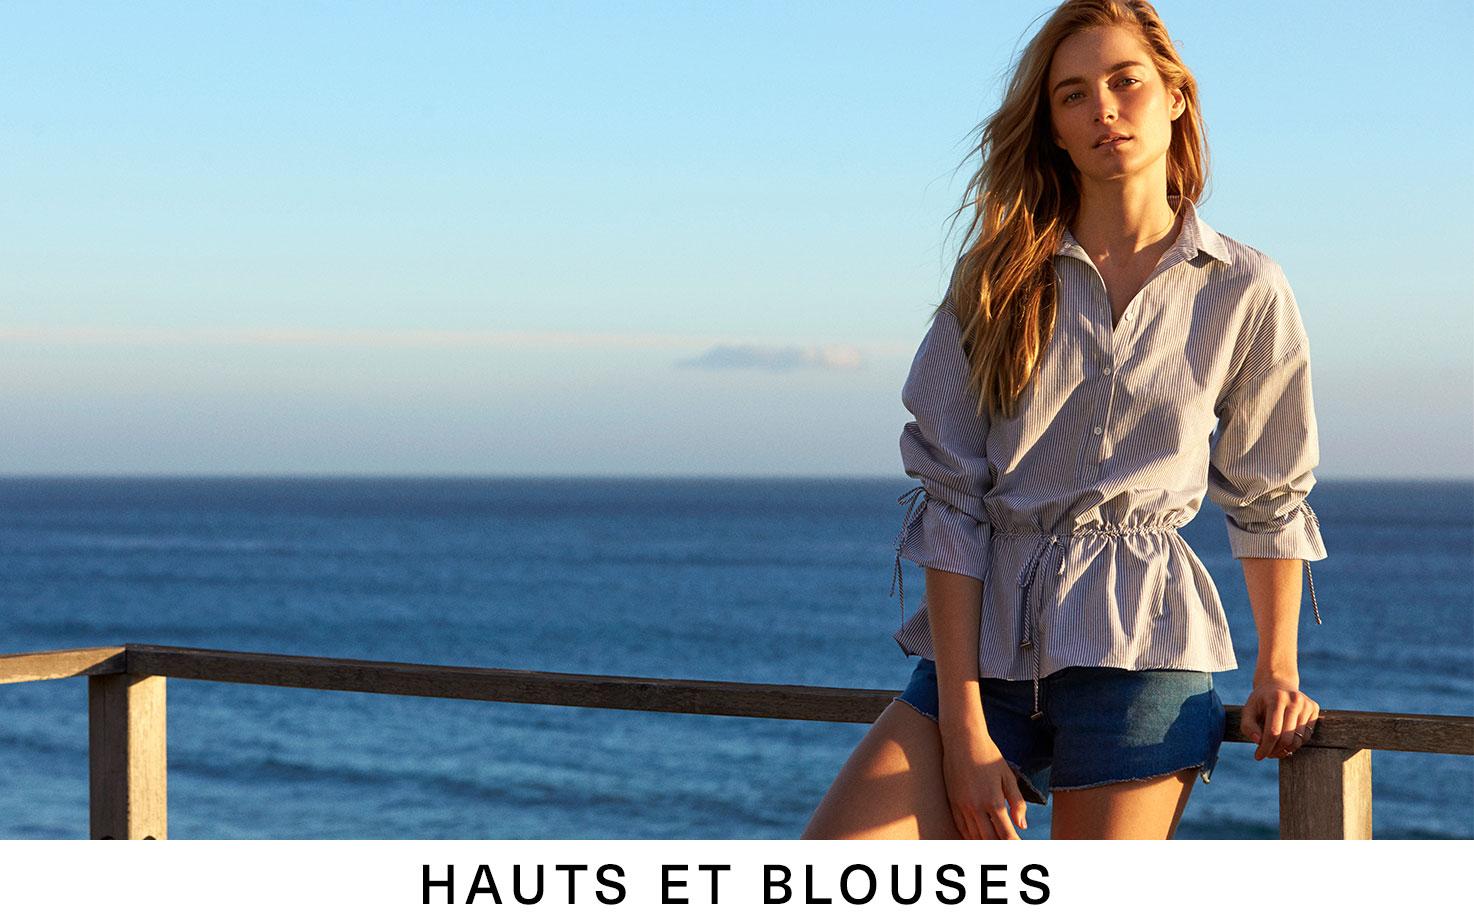 Hauts et blouses